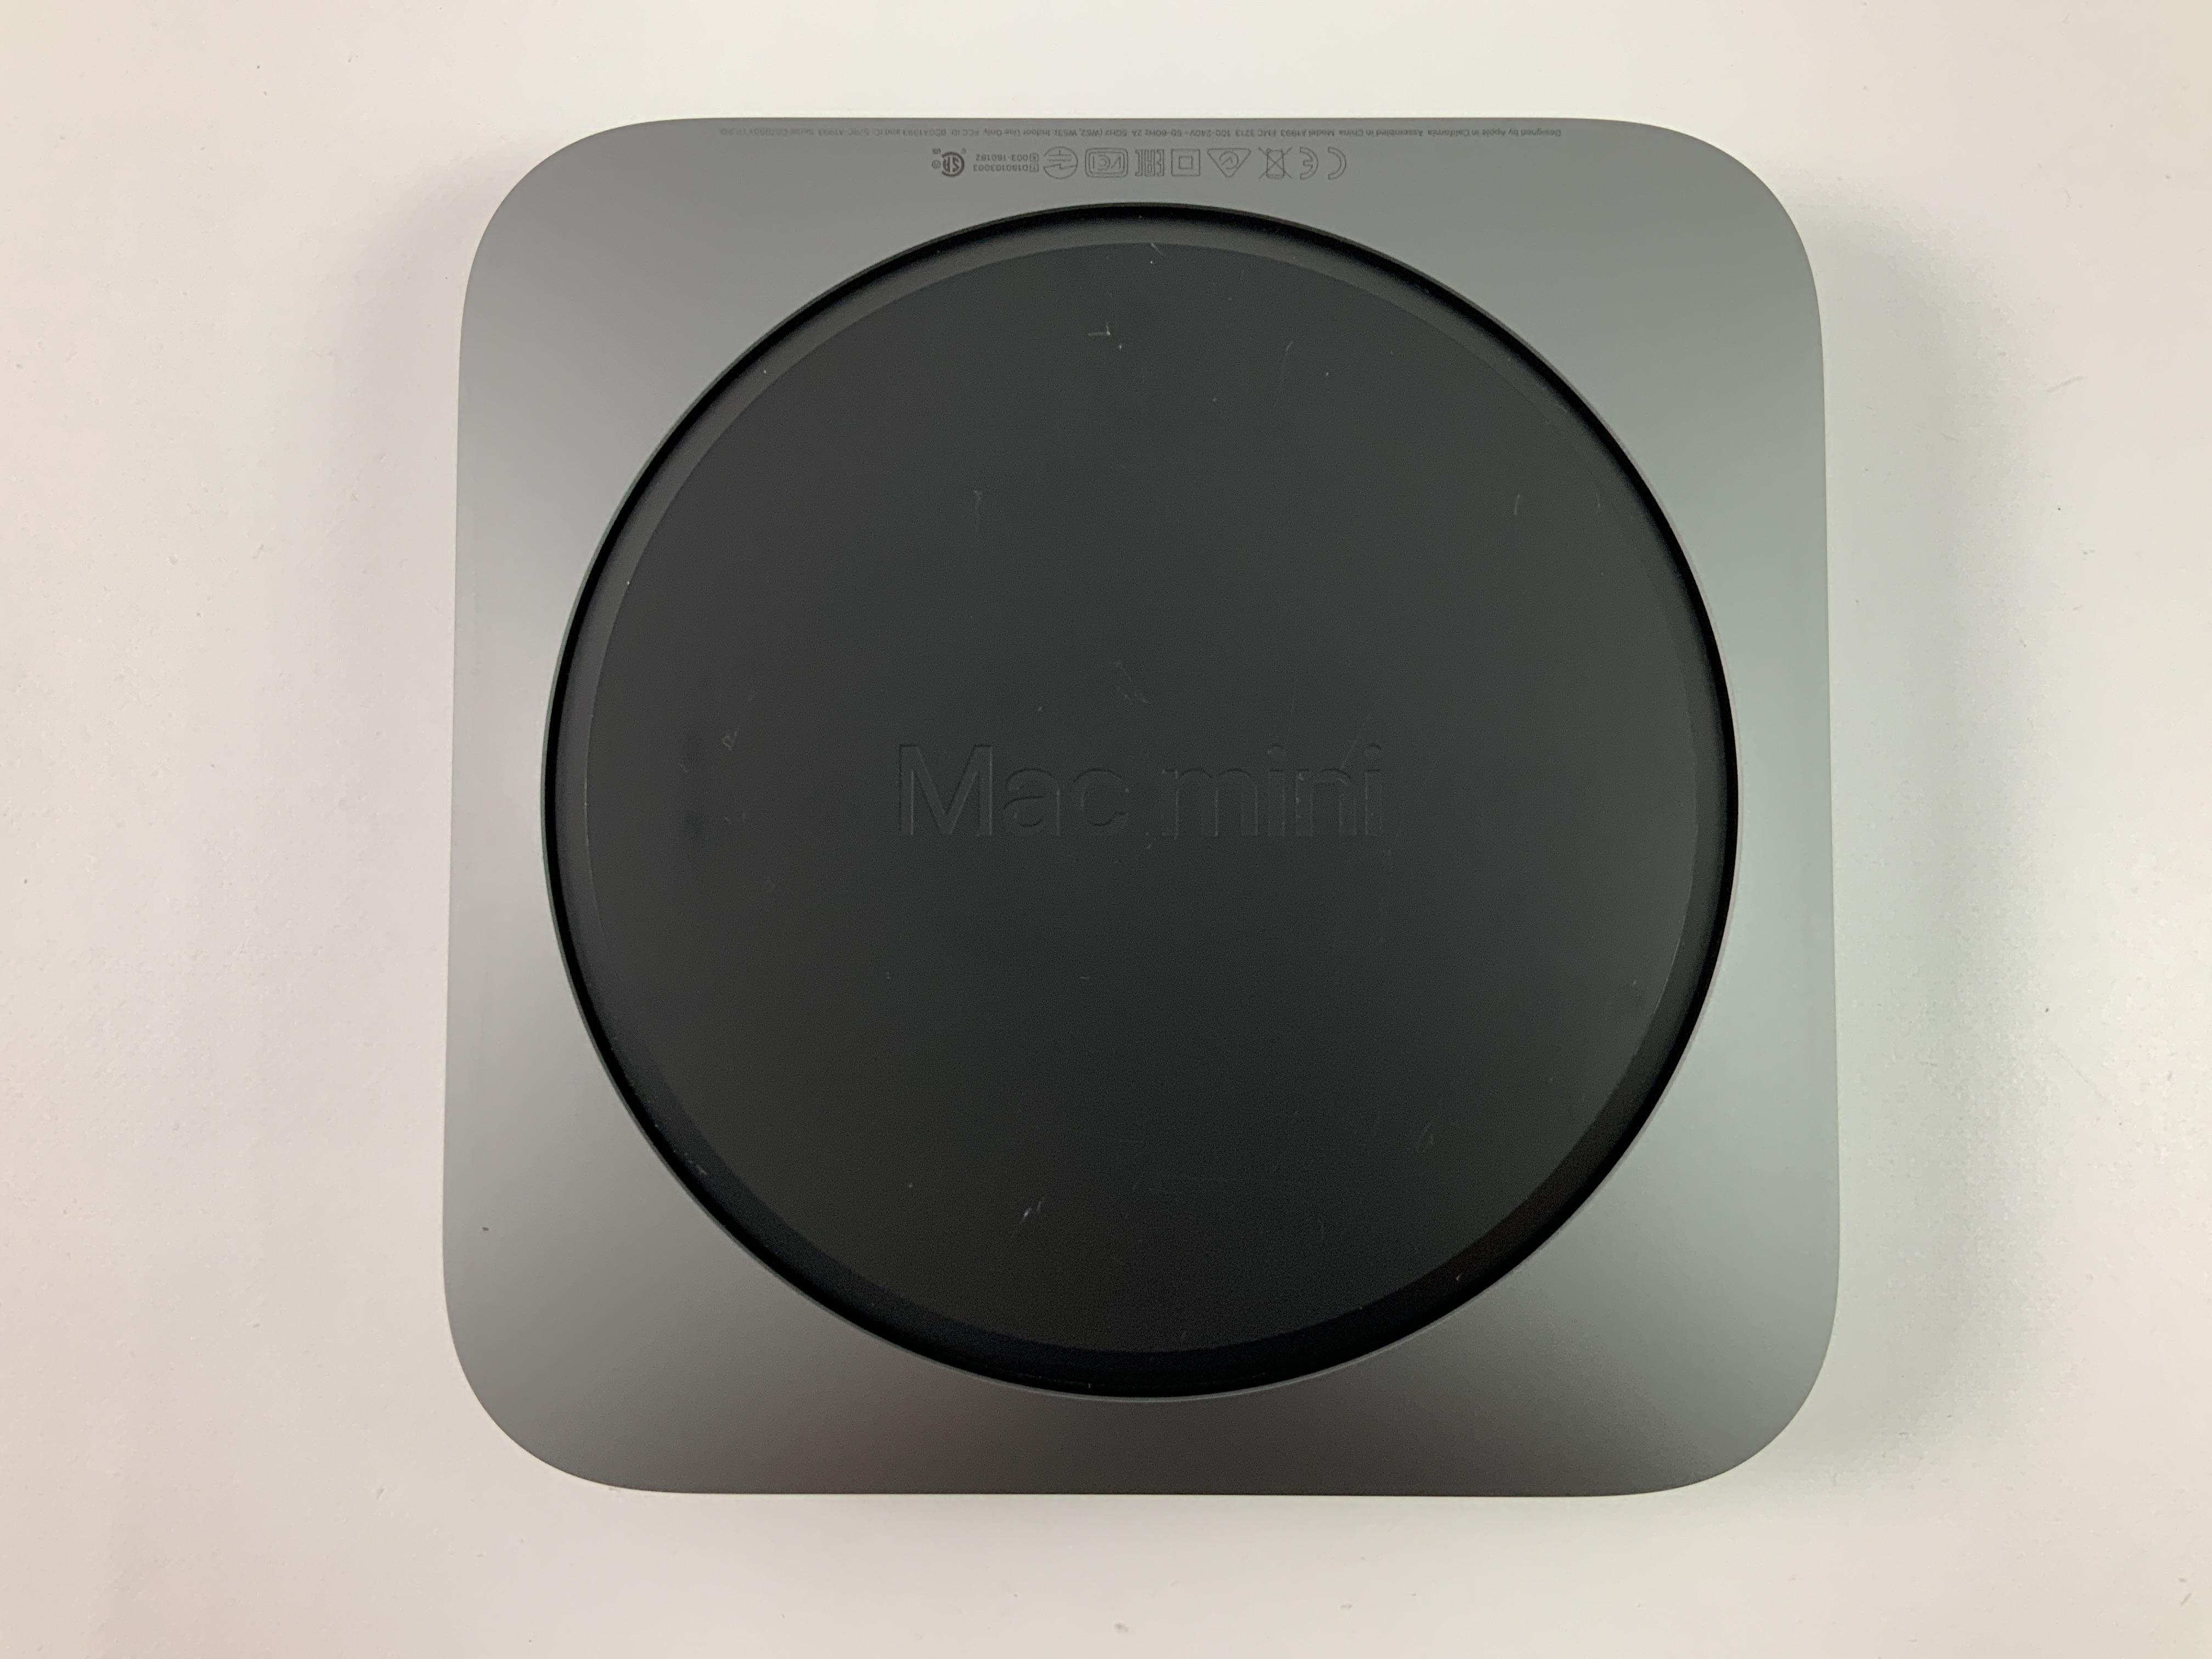 Mac Mini Early 2020 (Intel 6-Core i5 3.0 GHz 32 GB RAM 512 GB SSD), Intel 6-Core i5 3.0 GHz, 32 GB RAM, 512 GB SSD, Bild 3